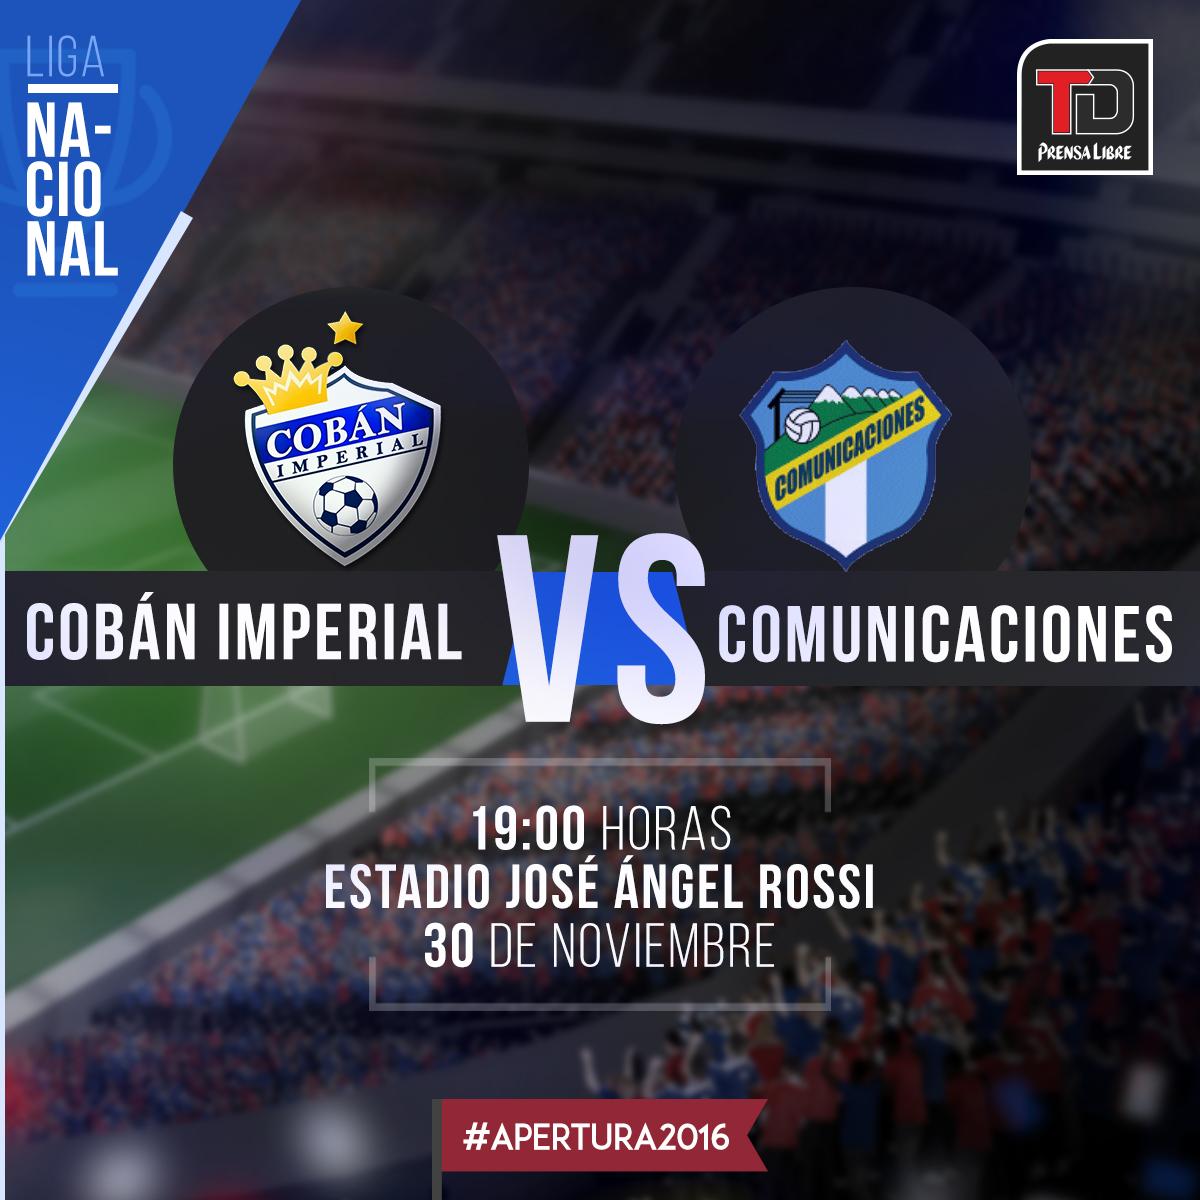 EN DIRECTO | Cobán Imperial vs. Comunicaciones